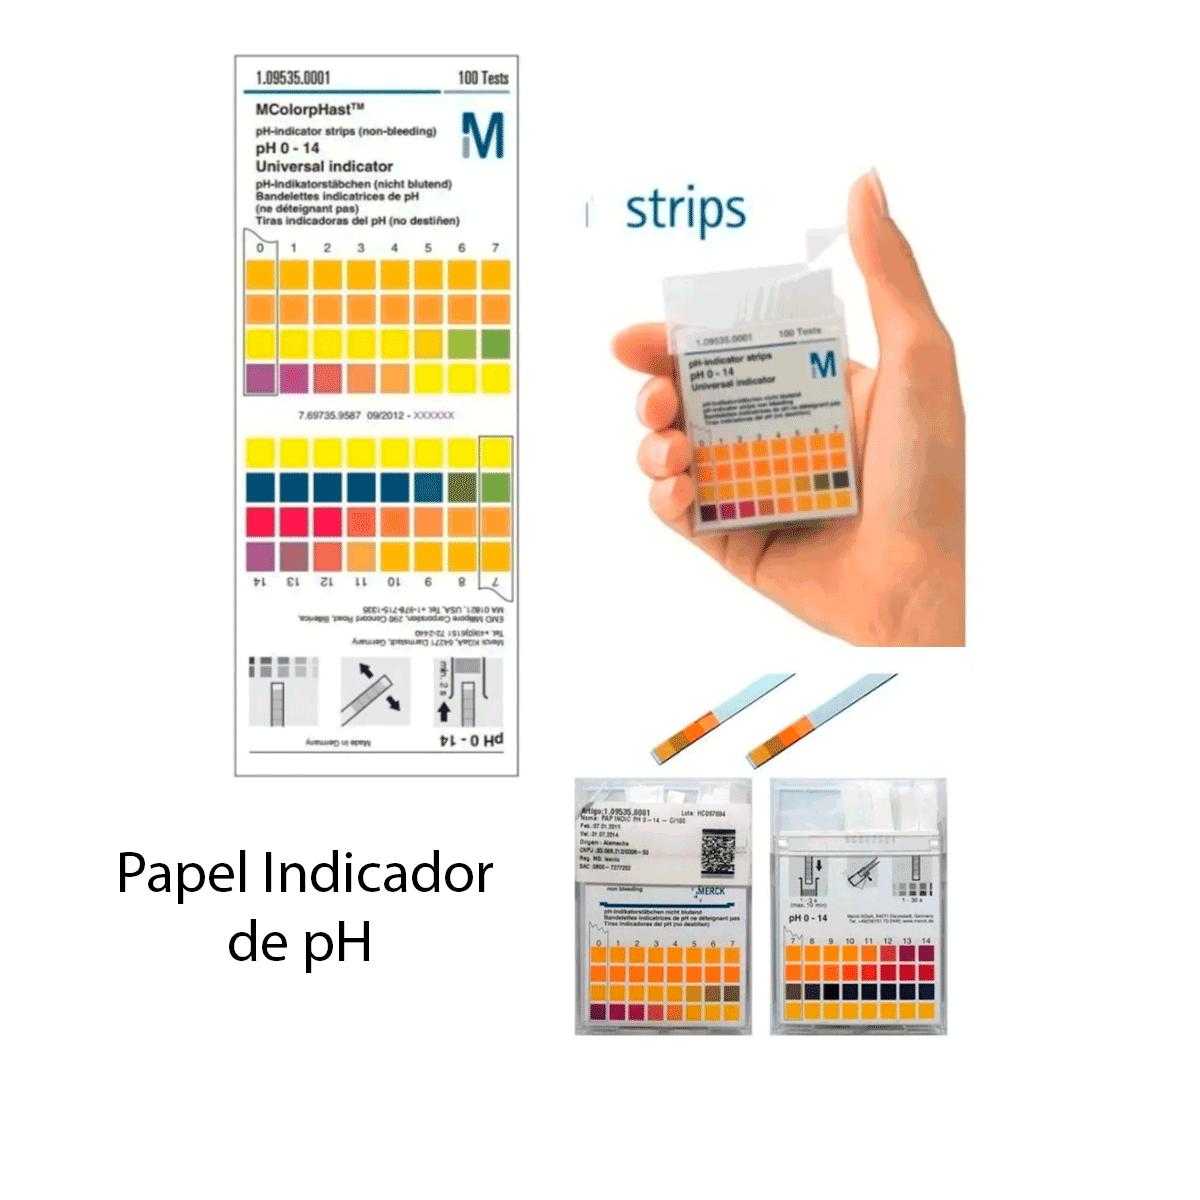 Papel Indicador de pH 0-14  com 100 tiras - Merck